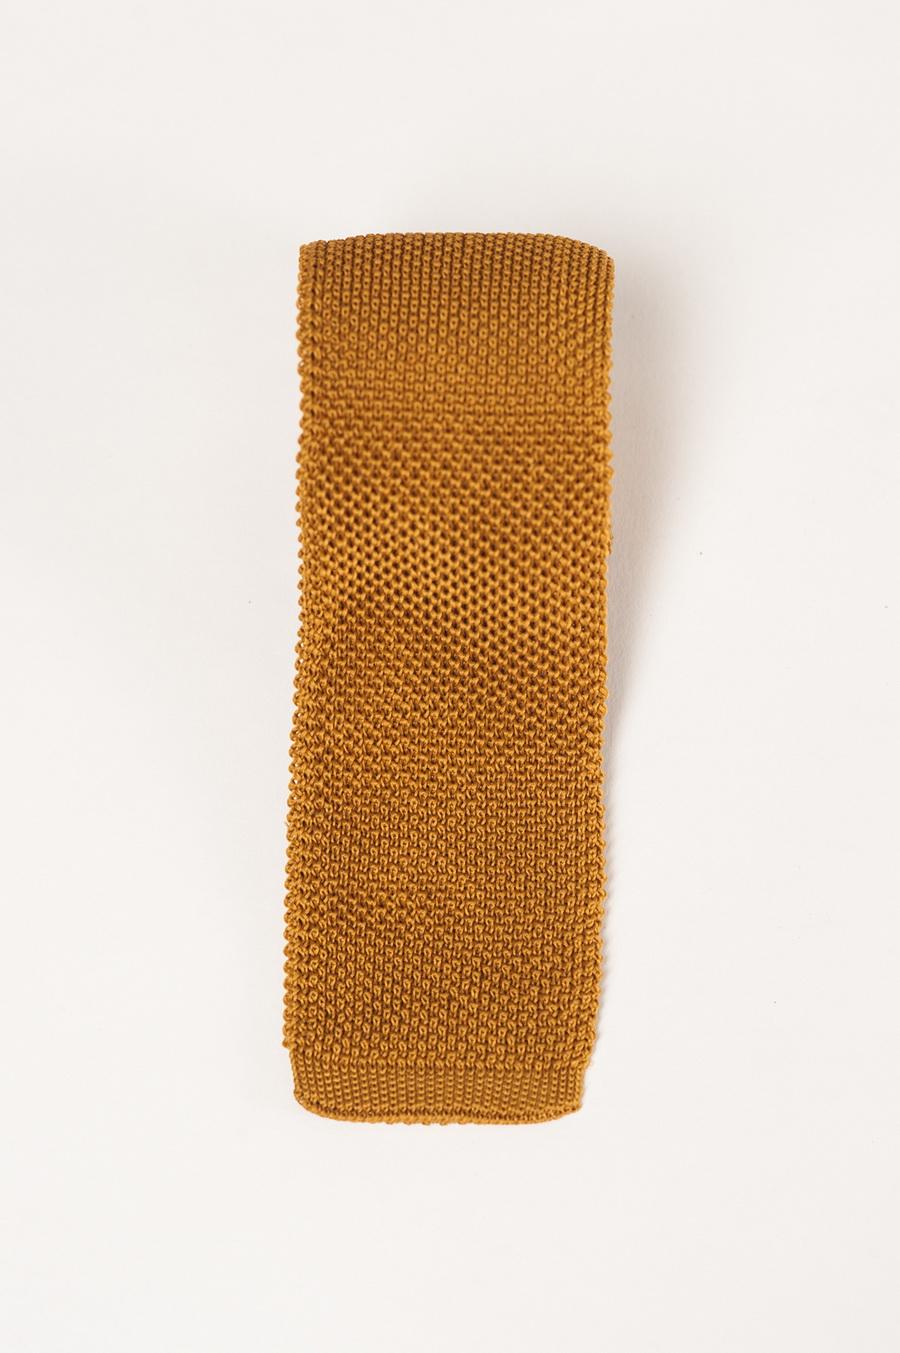 Фактурный галстук горчичного цвета. Арт.:10-34